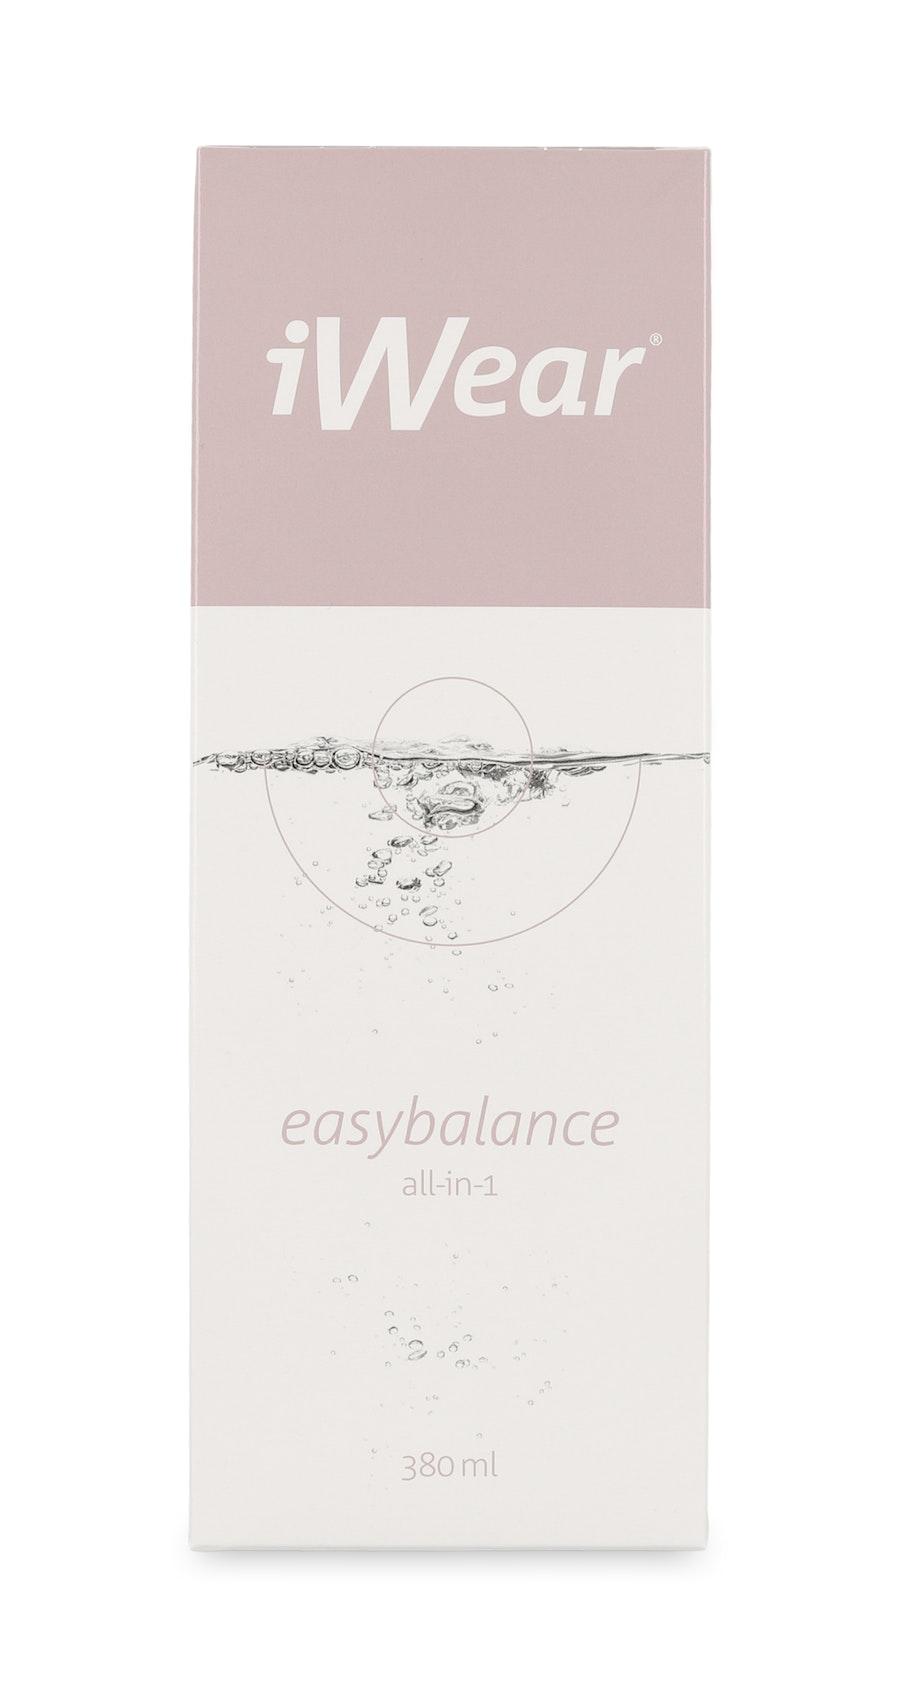 iWear All-in-1 Easybalance 380ml